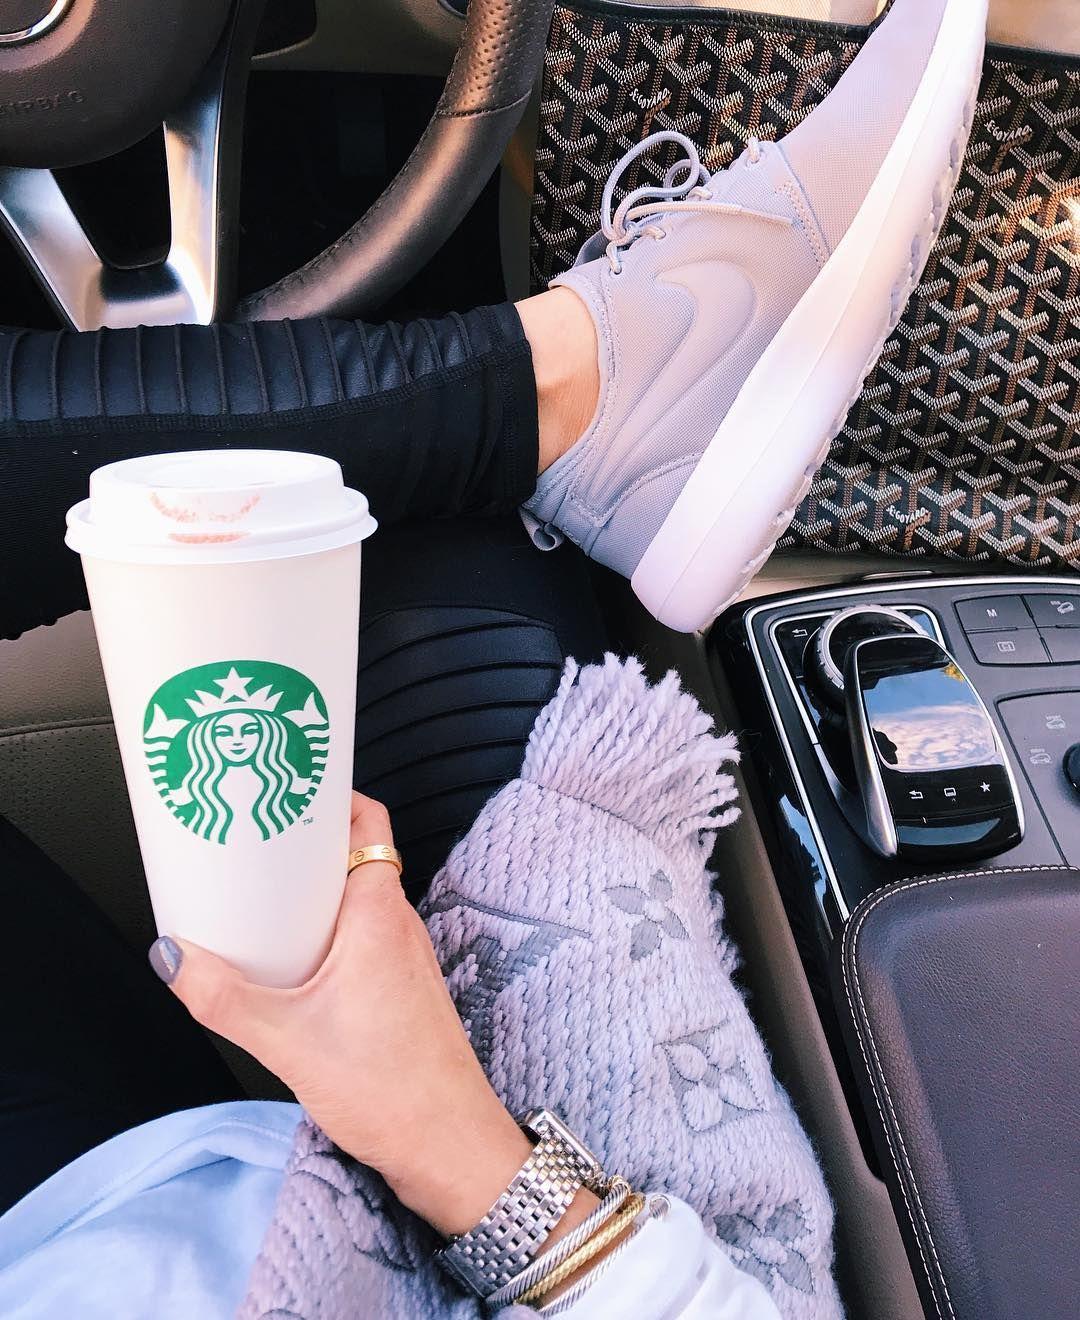 фото кофе старбакс в женских руках в машине самостоятельное растение, обладающее